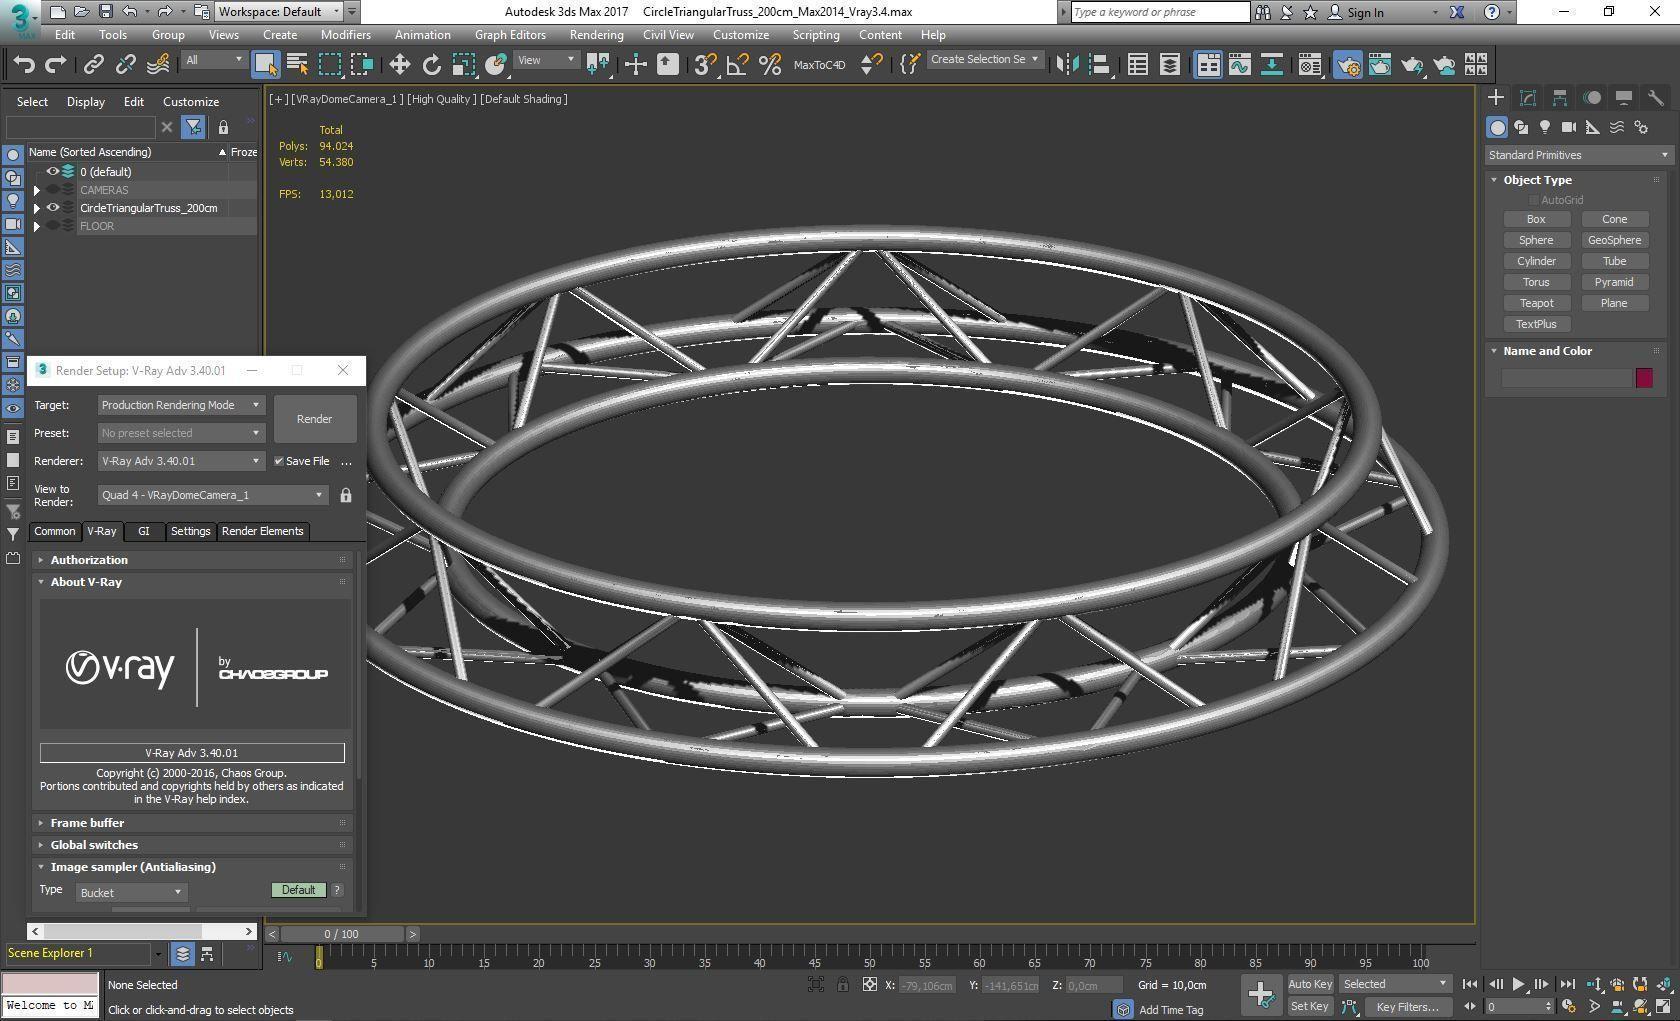 Circle Triangular Truss Full diameter 200cm